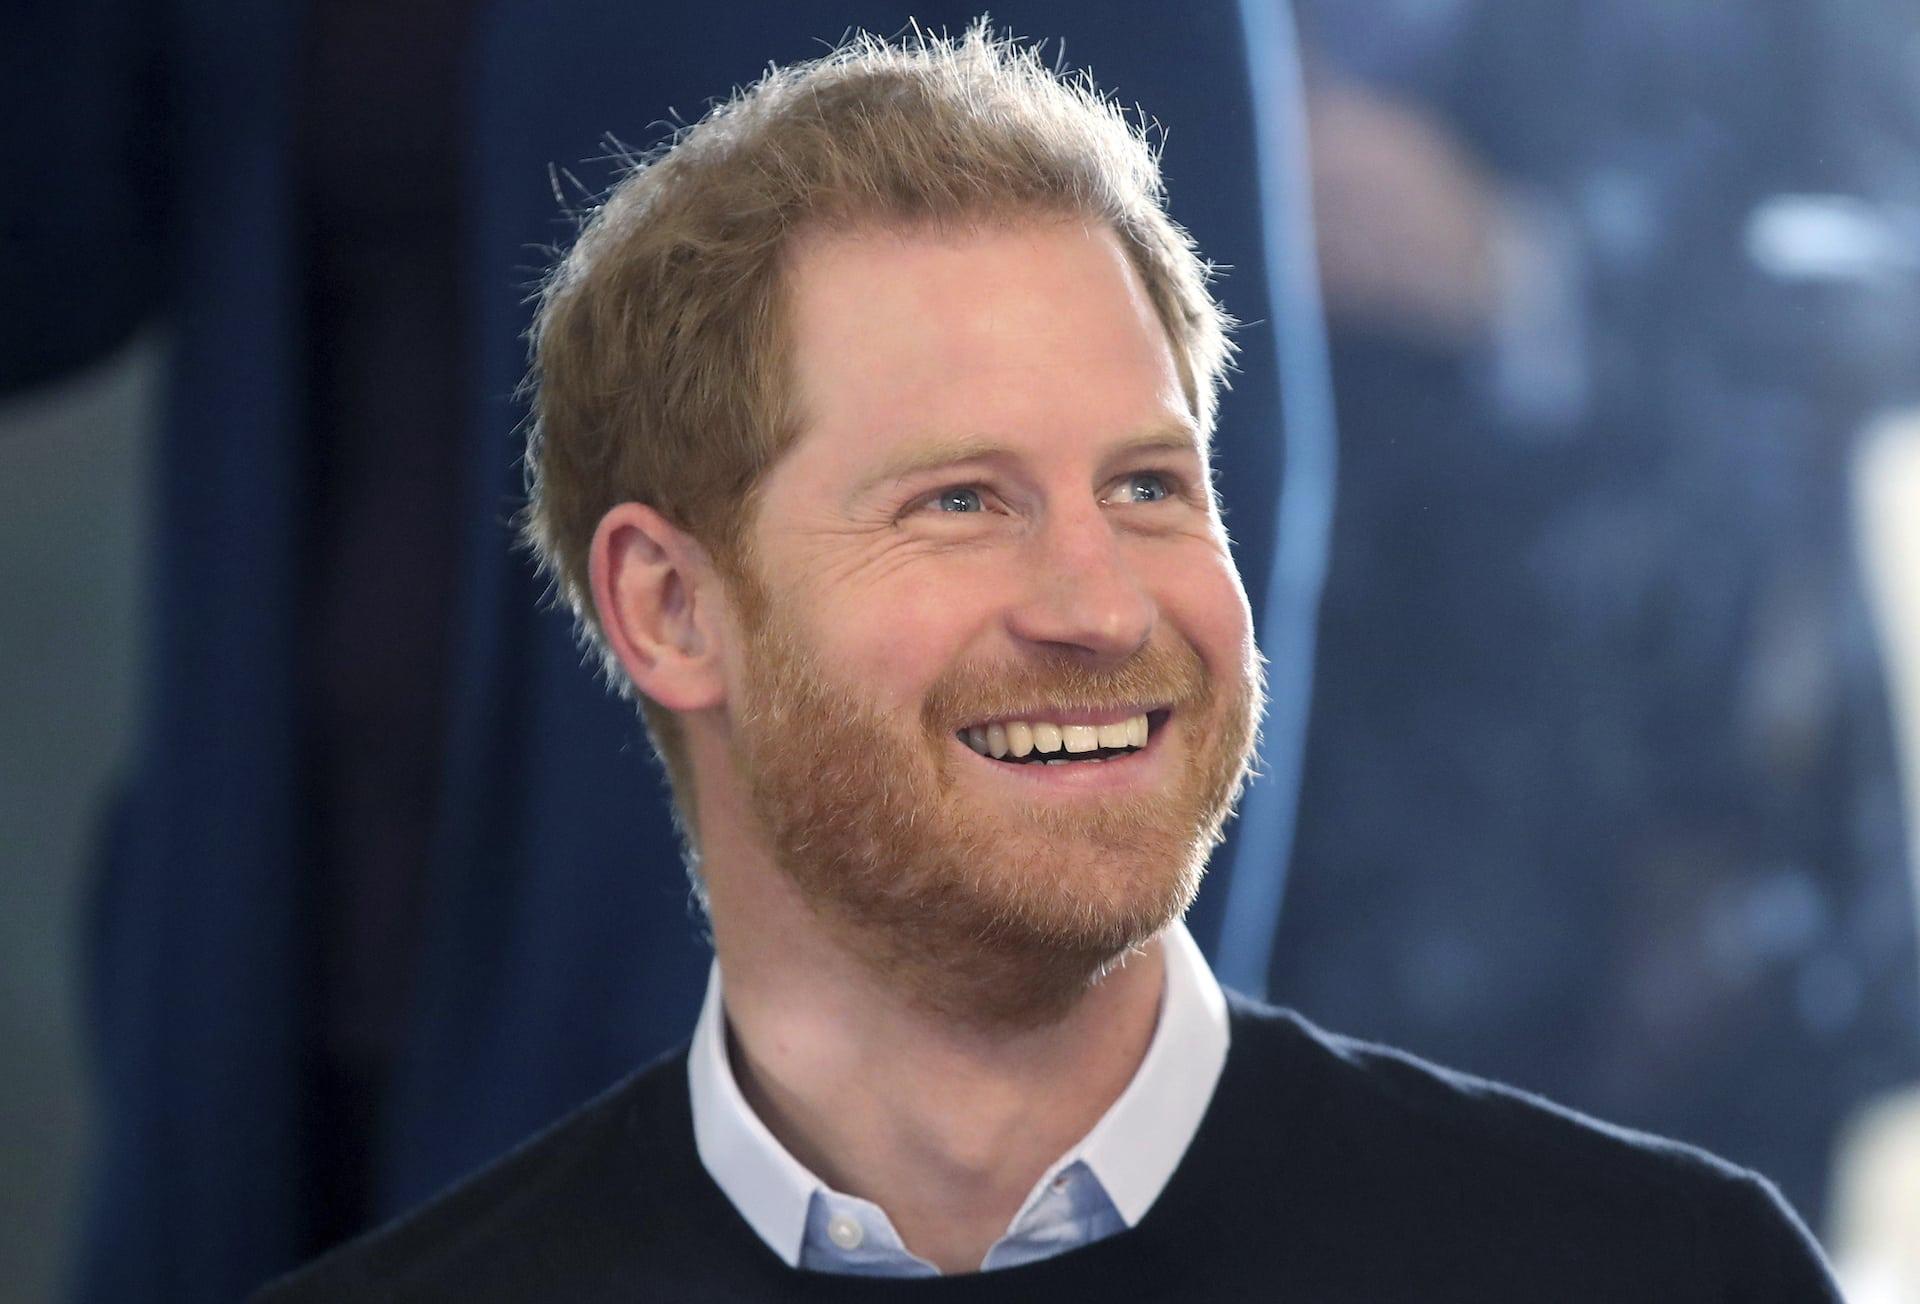 Prinz Harry schreibt seine Memoiren – darum geht es